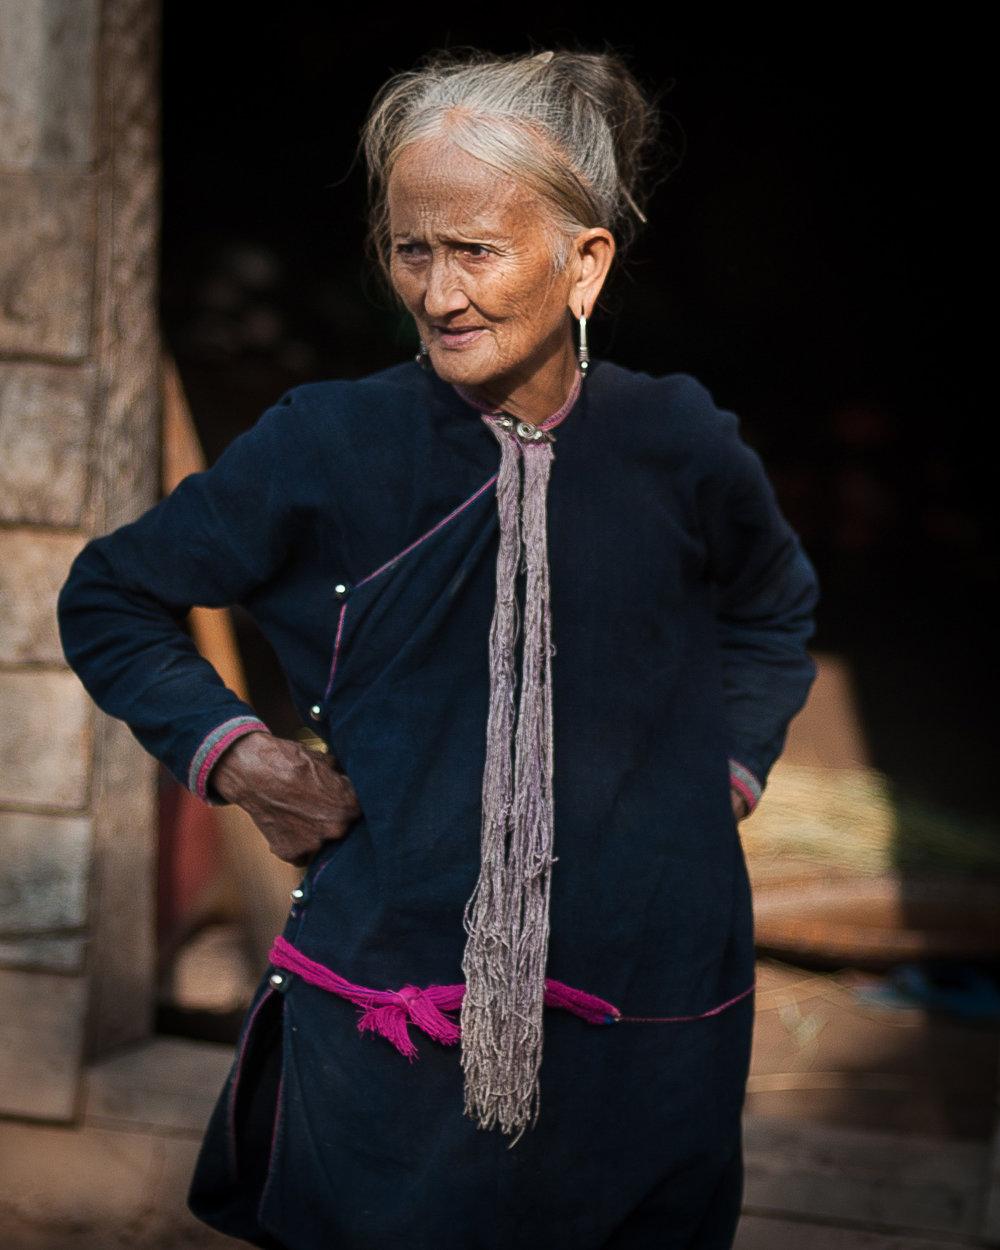 Indigo Elder